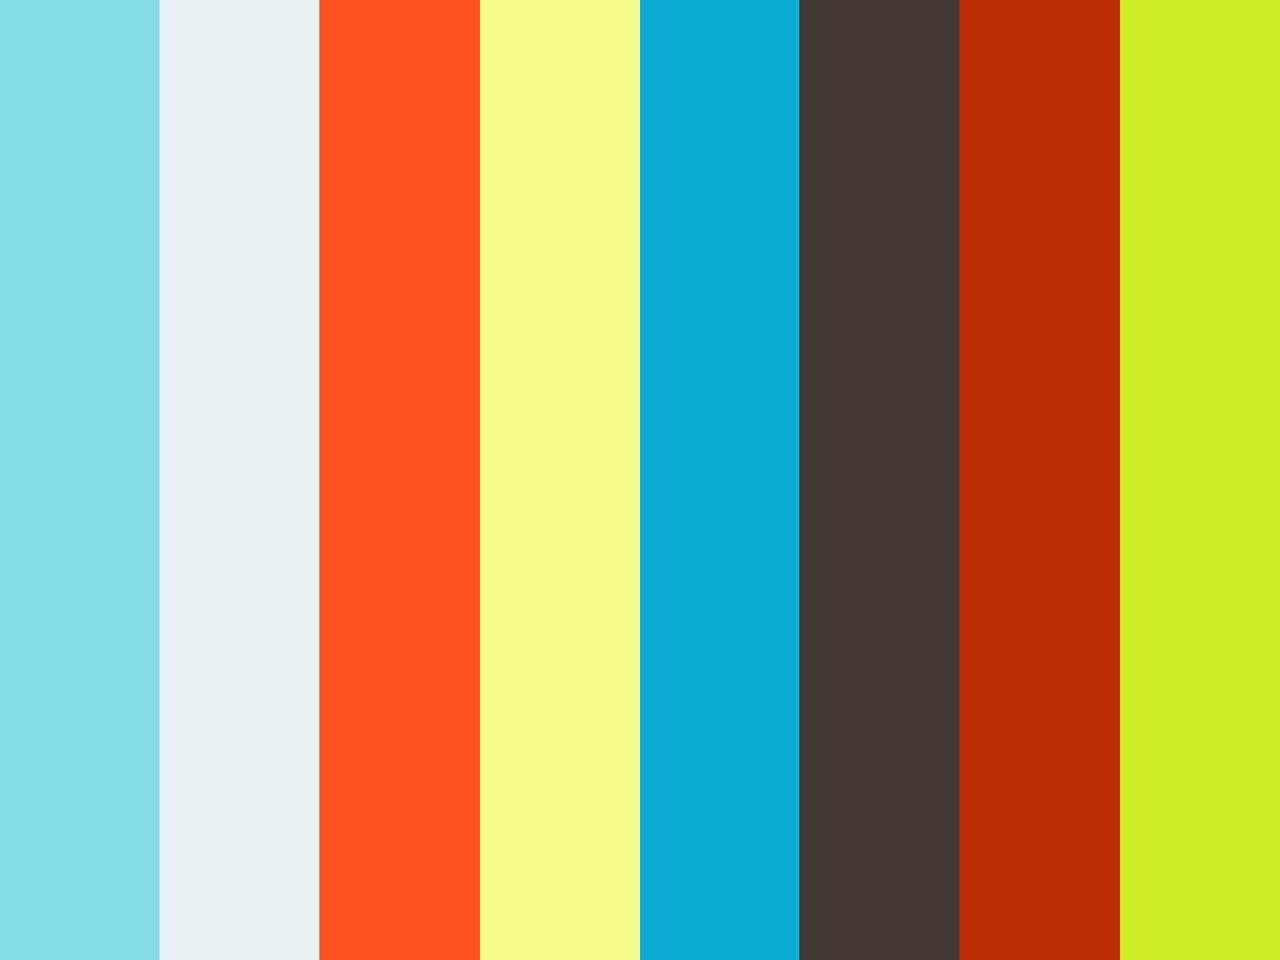 002744 - TV Provincie - jaaroverzicht 3 WONEN EN LEVEN